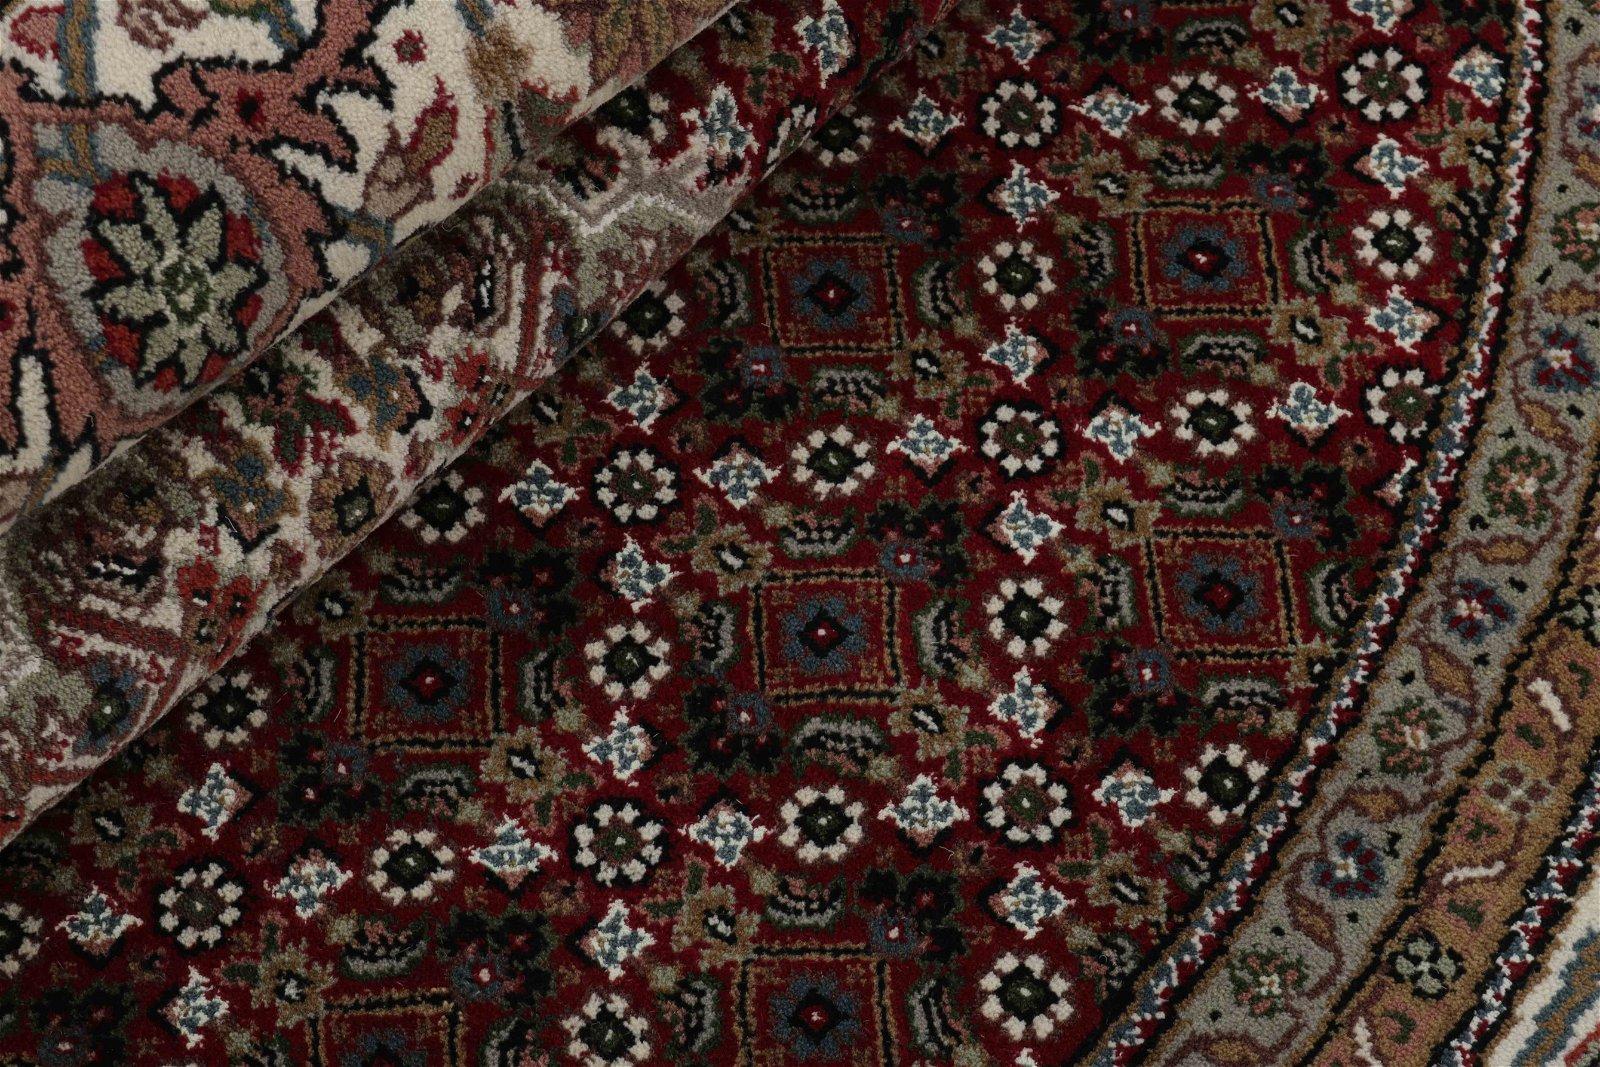 Indien Tabriz Indi 199x199 1293686